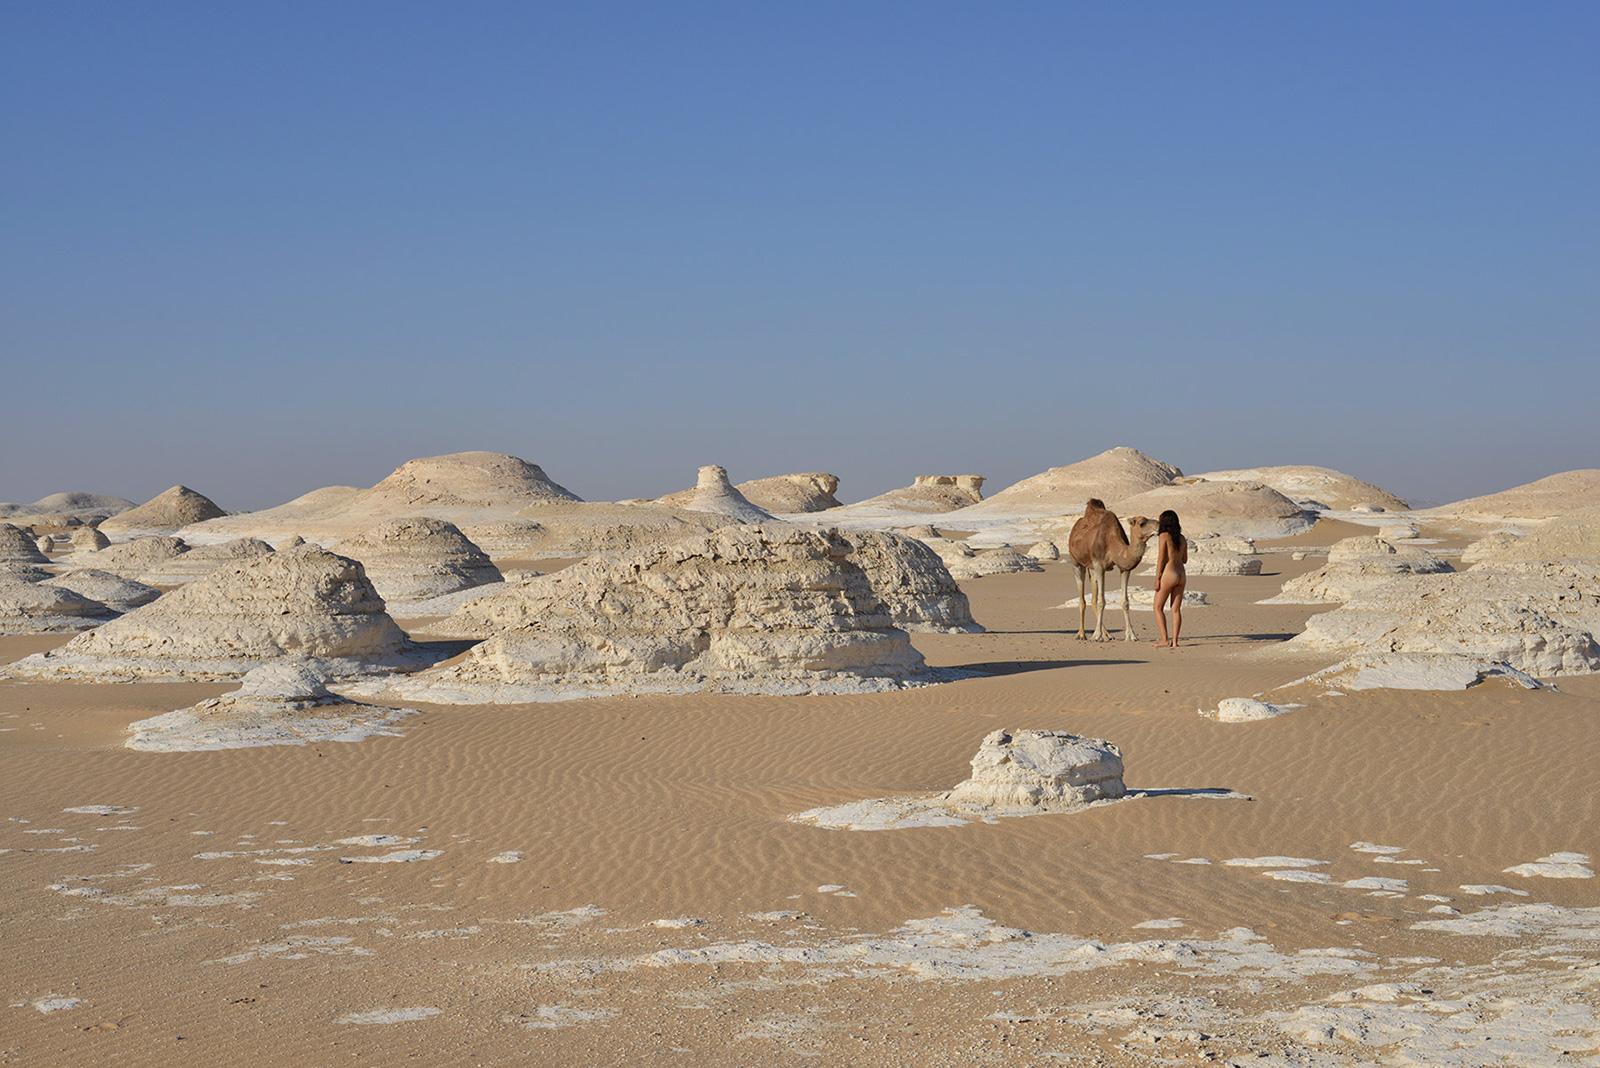 White Desert, <br>Egypt, Sahara 6